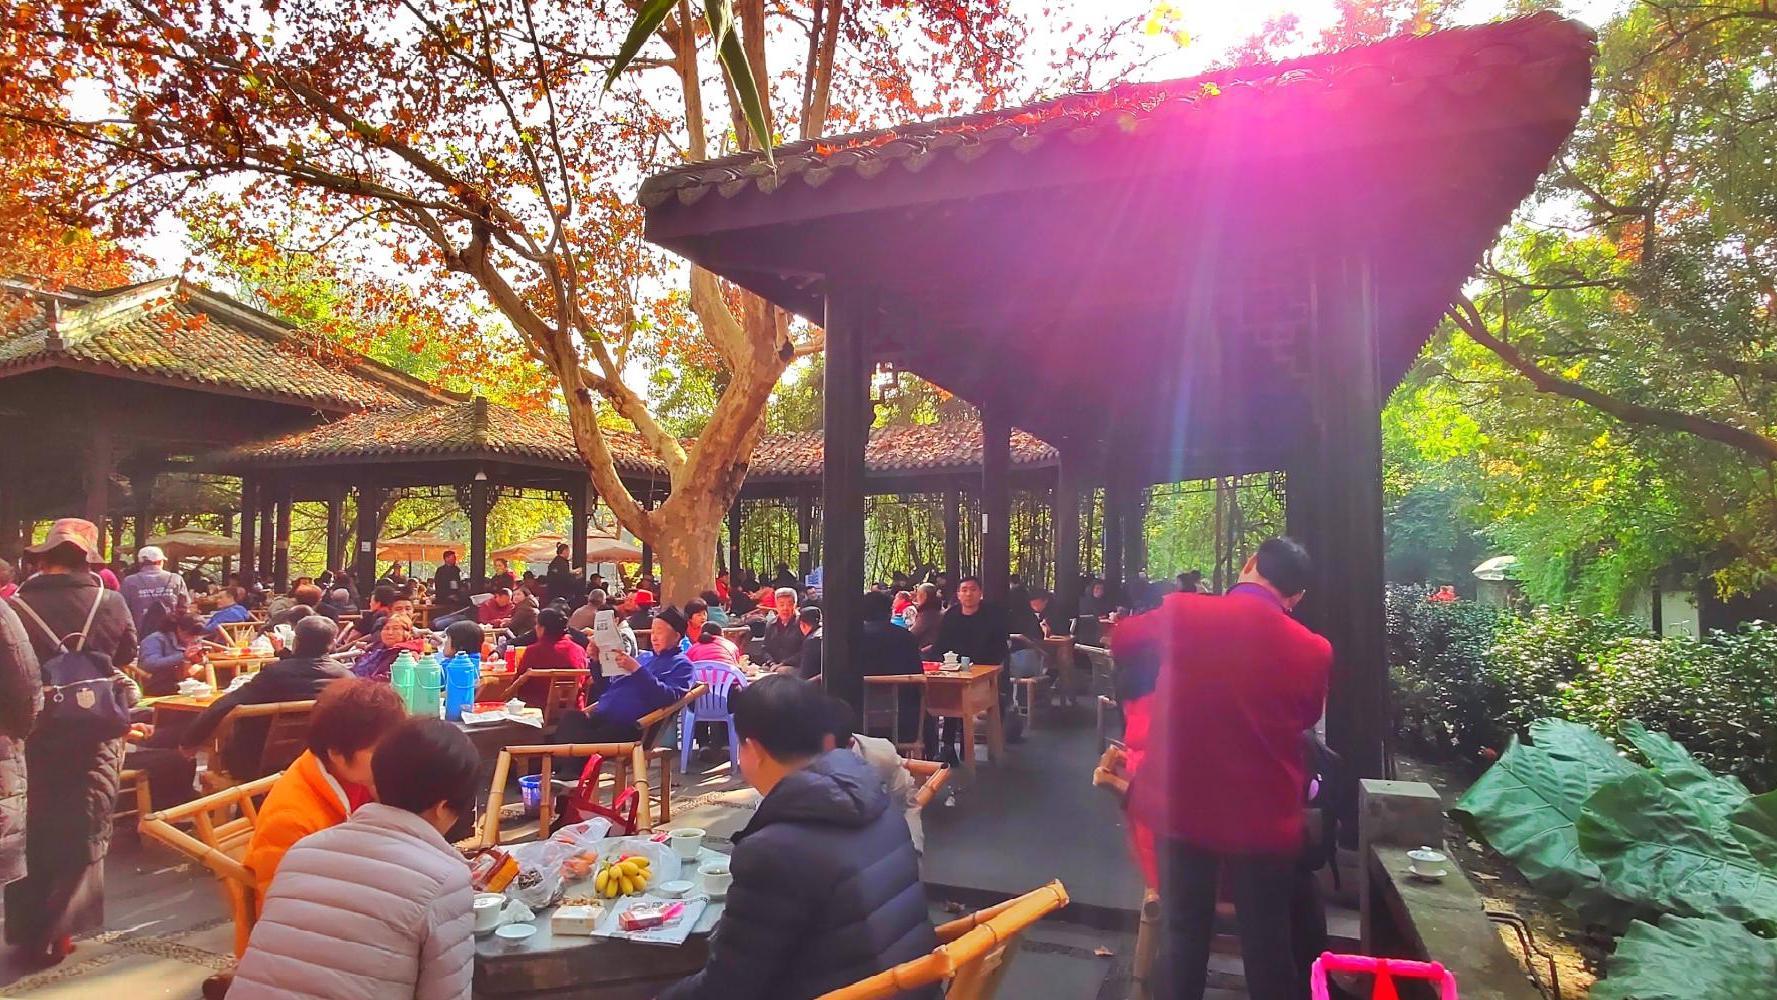 天府之国: 倒茶跑堂被称为茶博士, 顿顿美餐人均不过百元